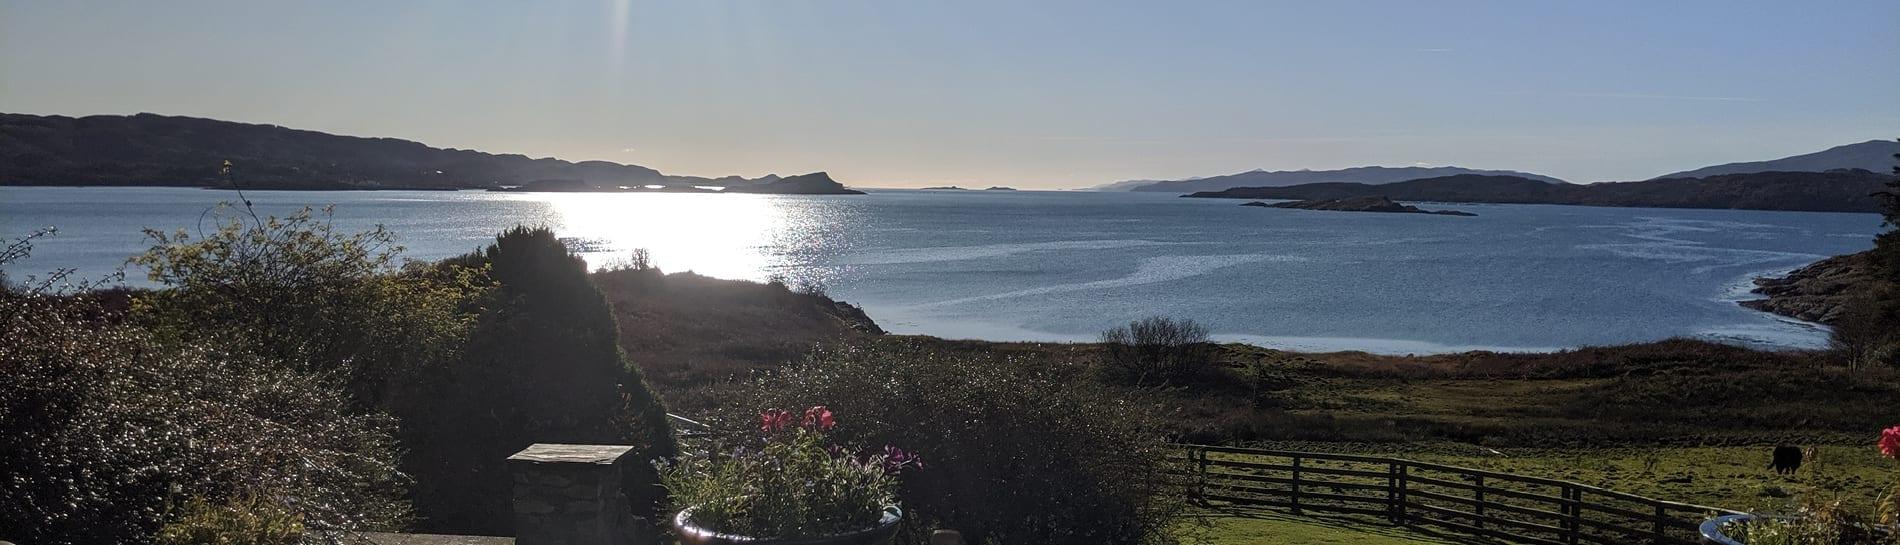 Loch Melfort Hotel View